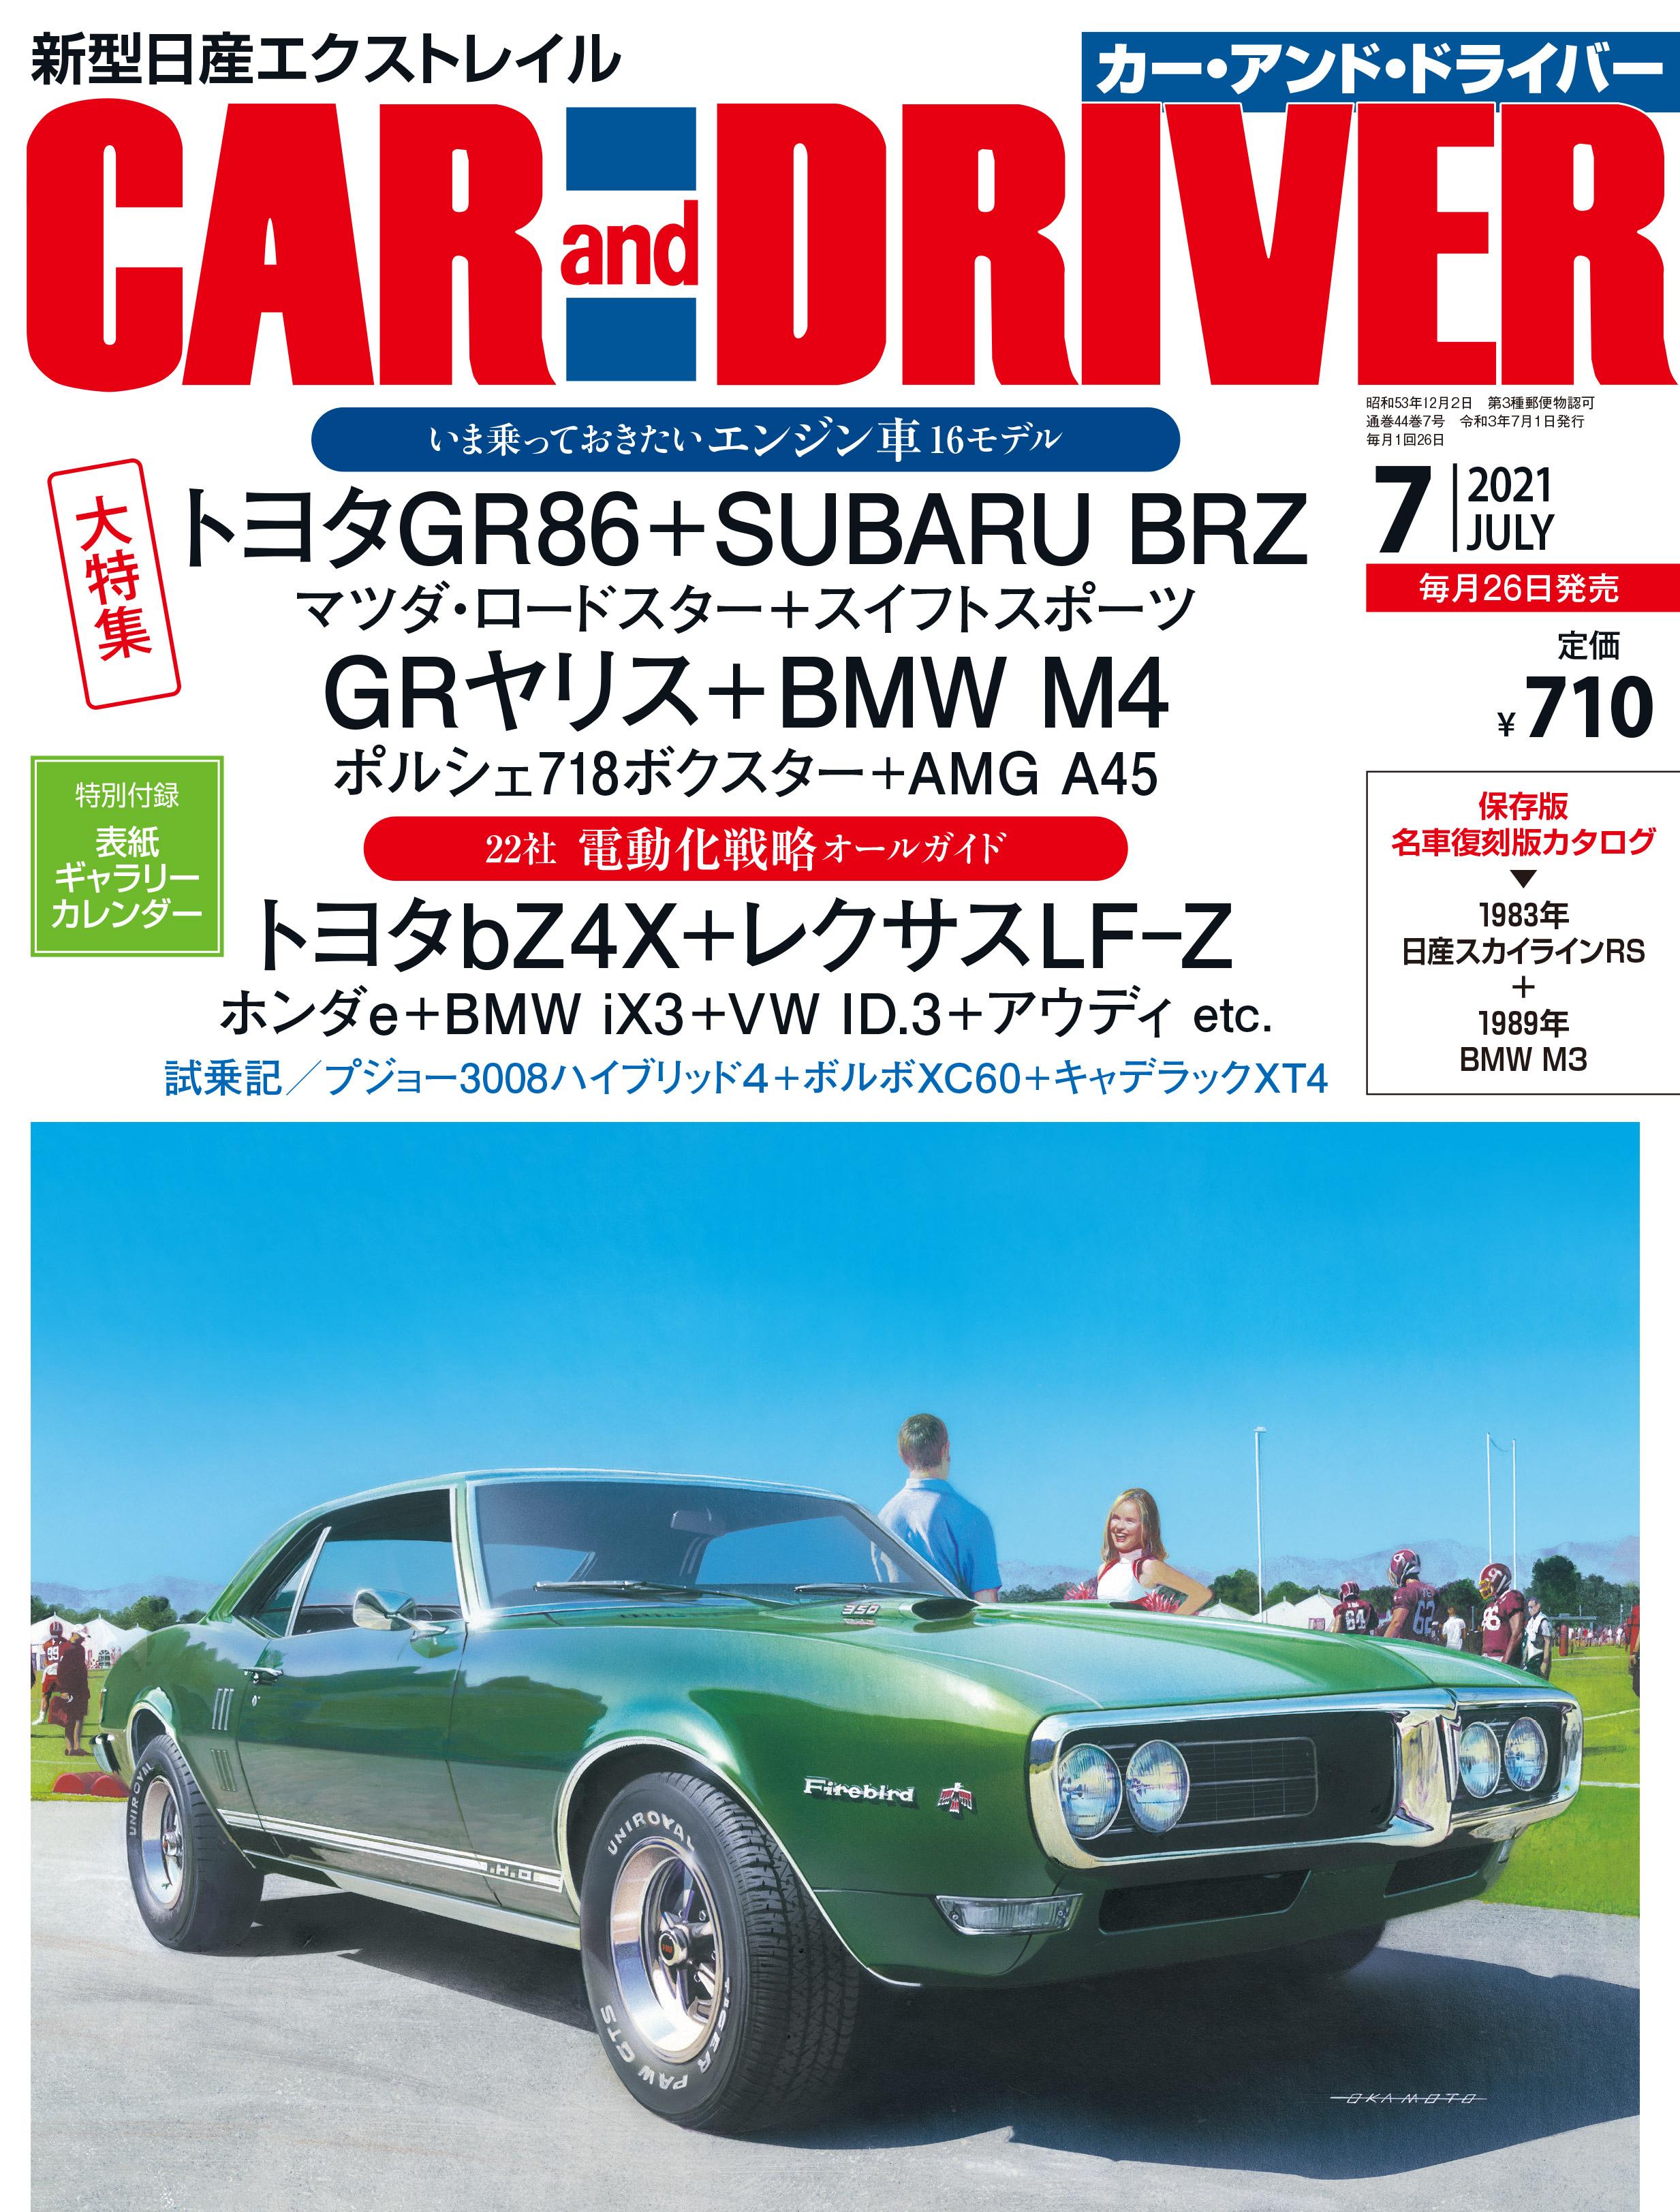 書影:CAR and DRIVER 2021年7月号